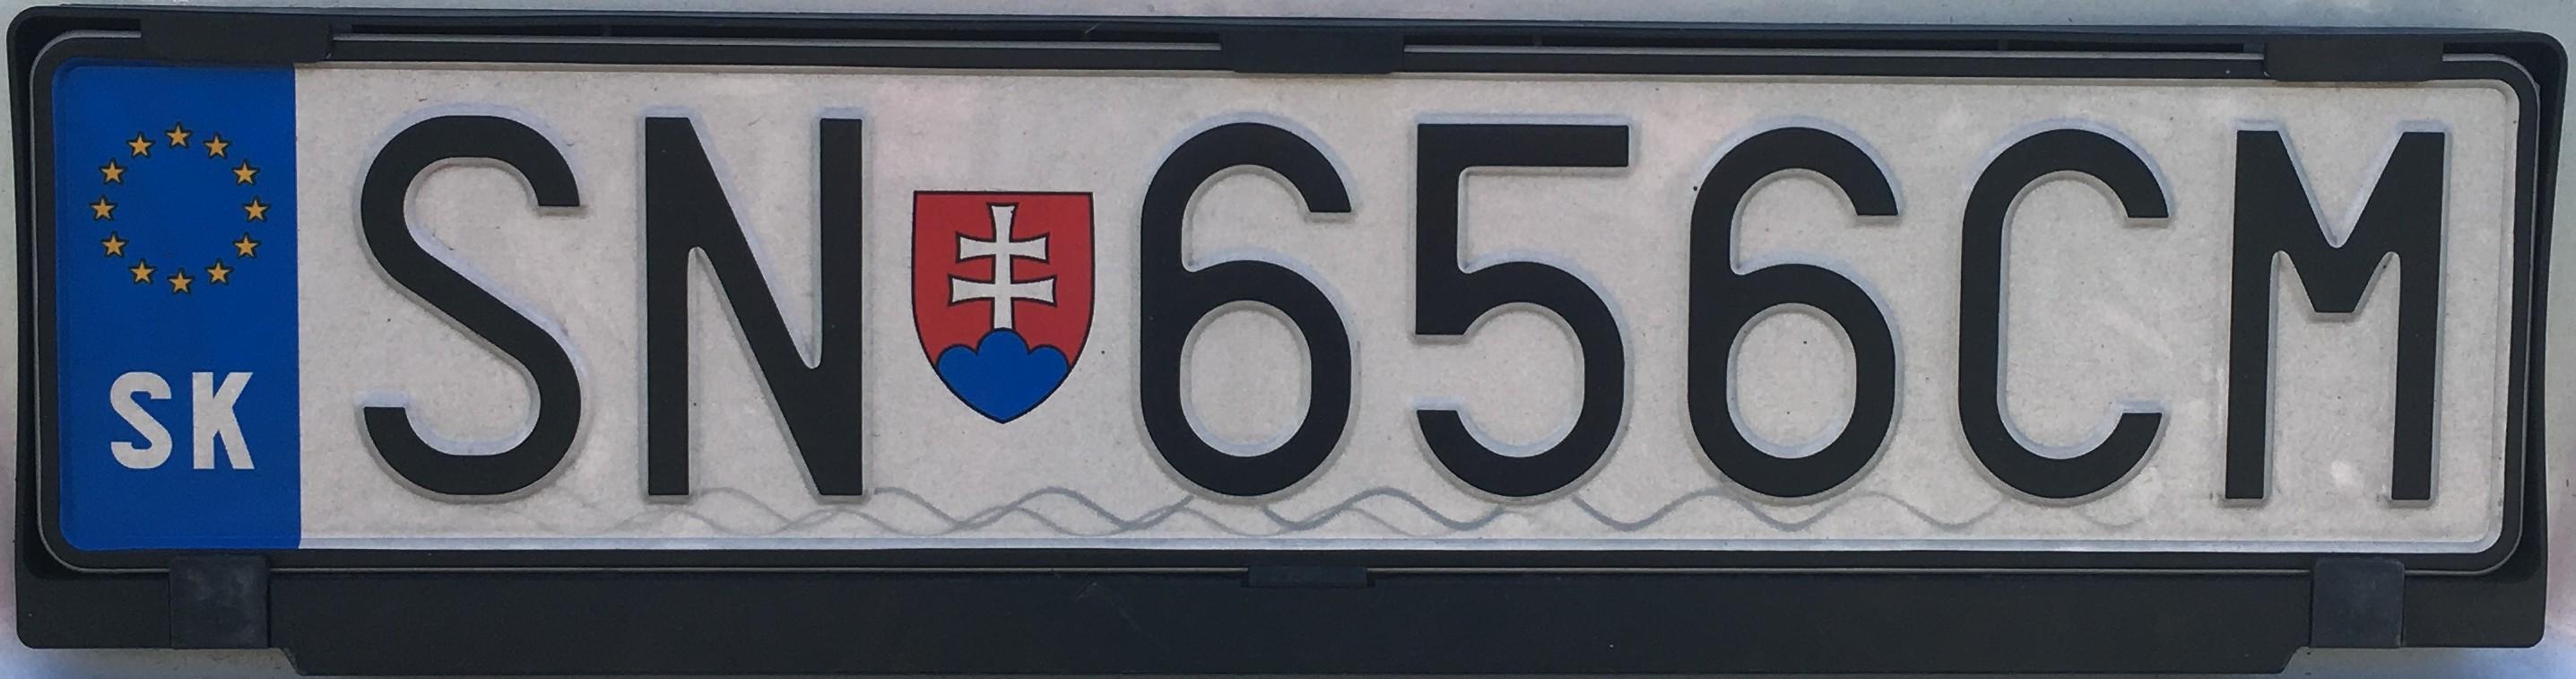 Registrační značka: SN - Spišská Nová Ves, foto: vlastní